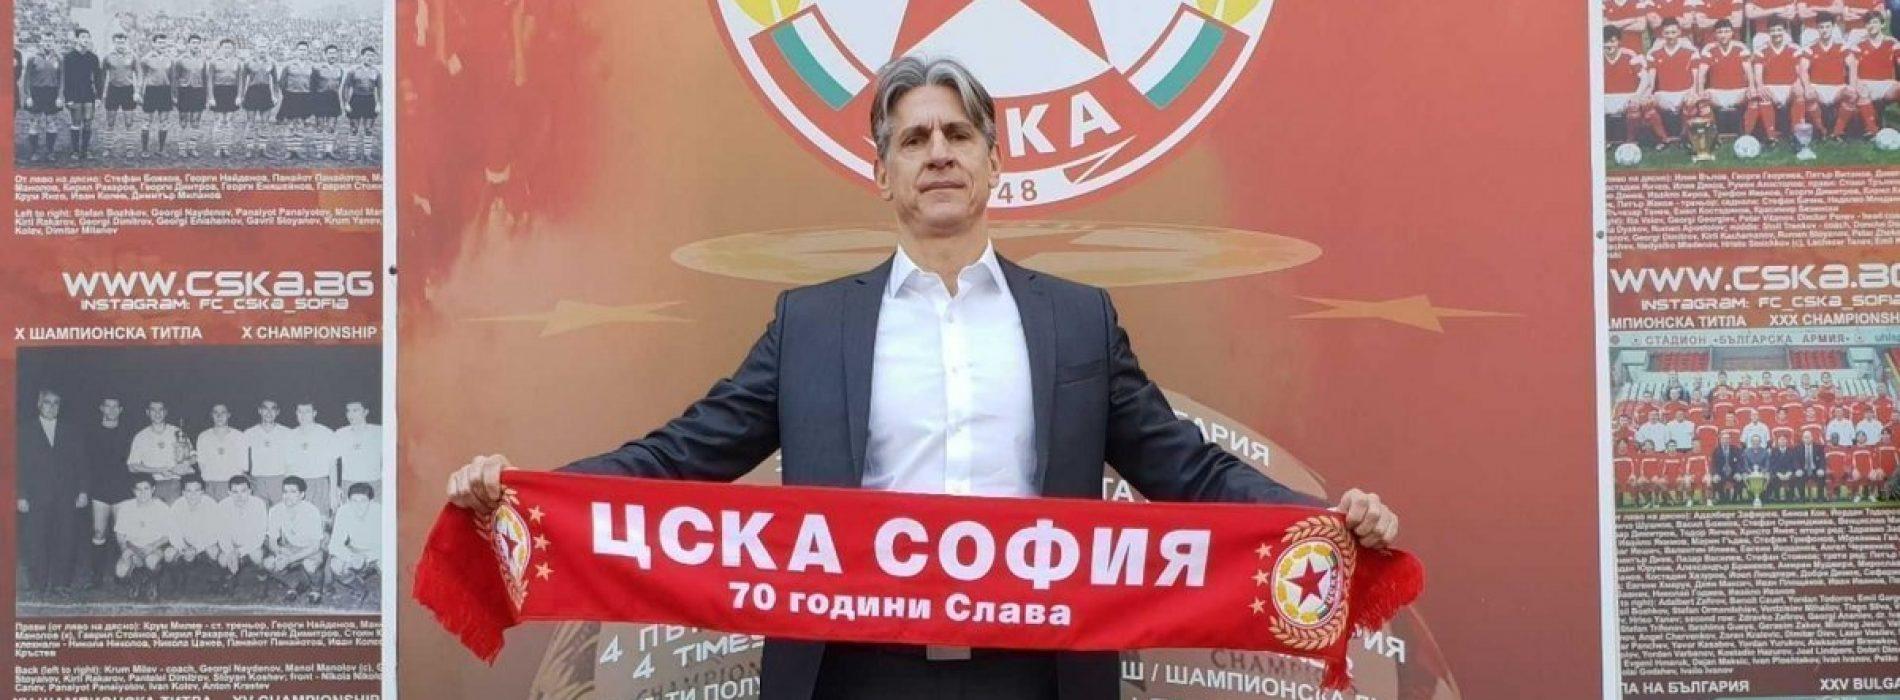 """CSKA Sofia, Giaretta: """"Fabbrini? Si aspettava di più da sé stesso"""""""